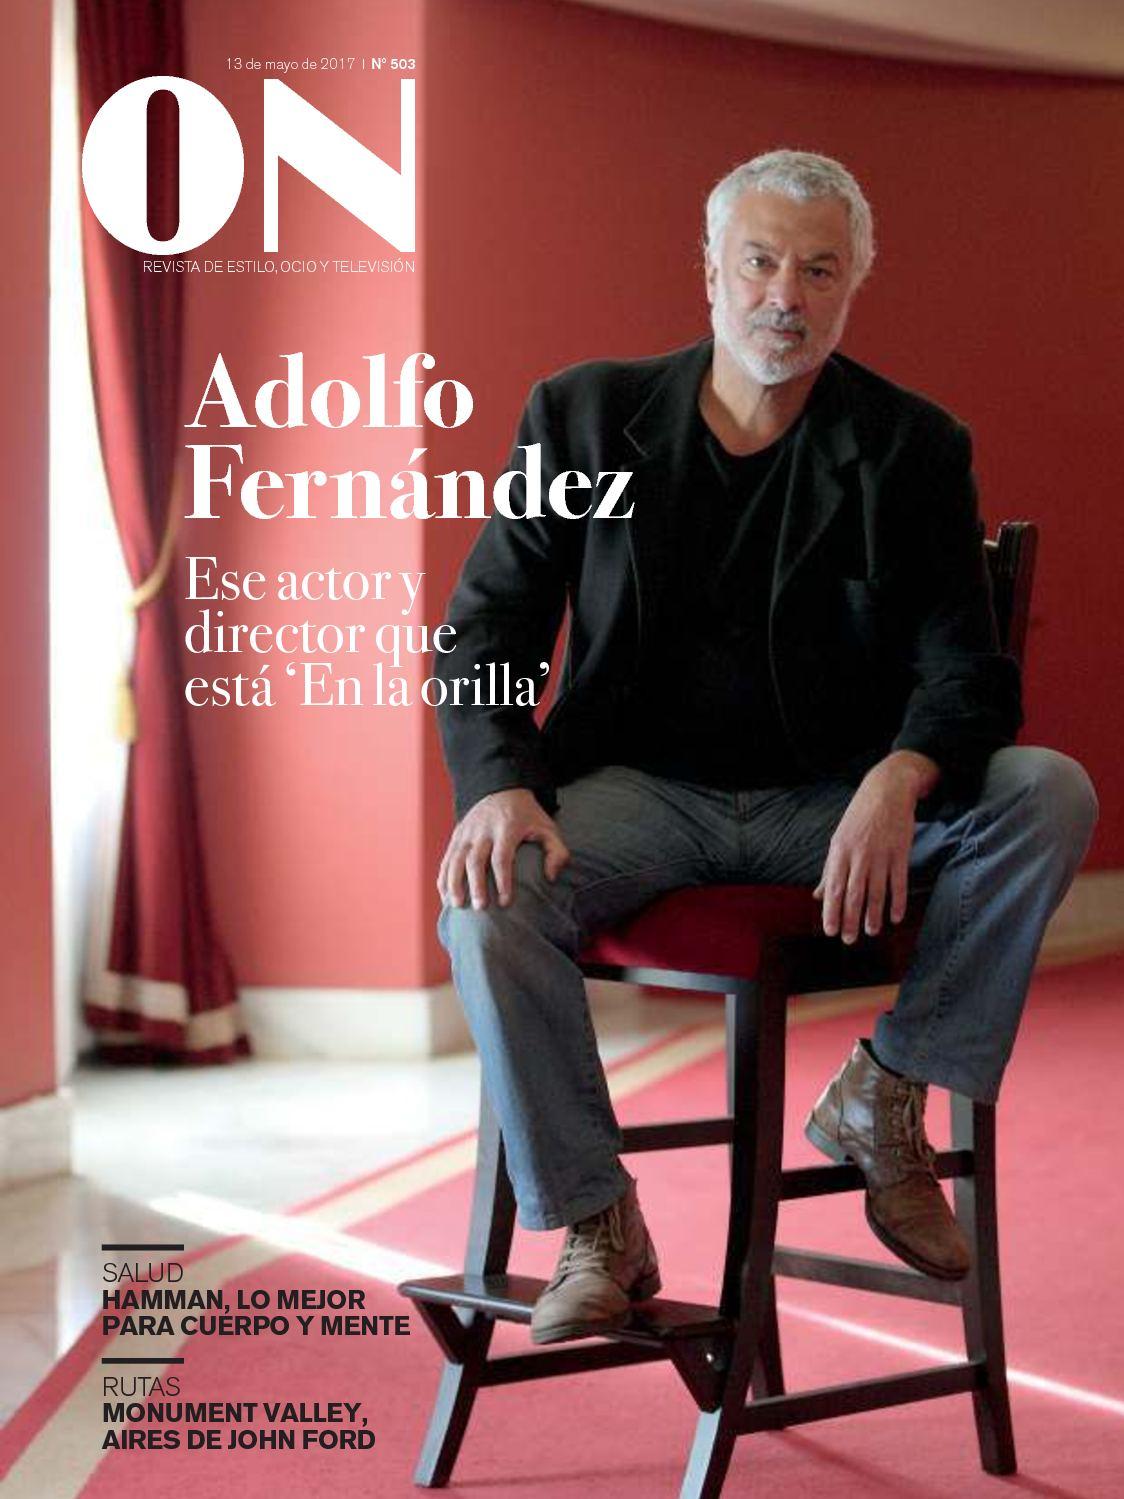 ON Revista de Ocio y Estilo 20170513